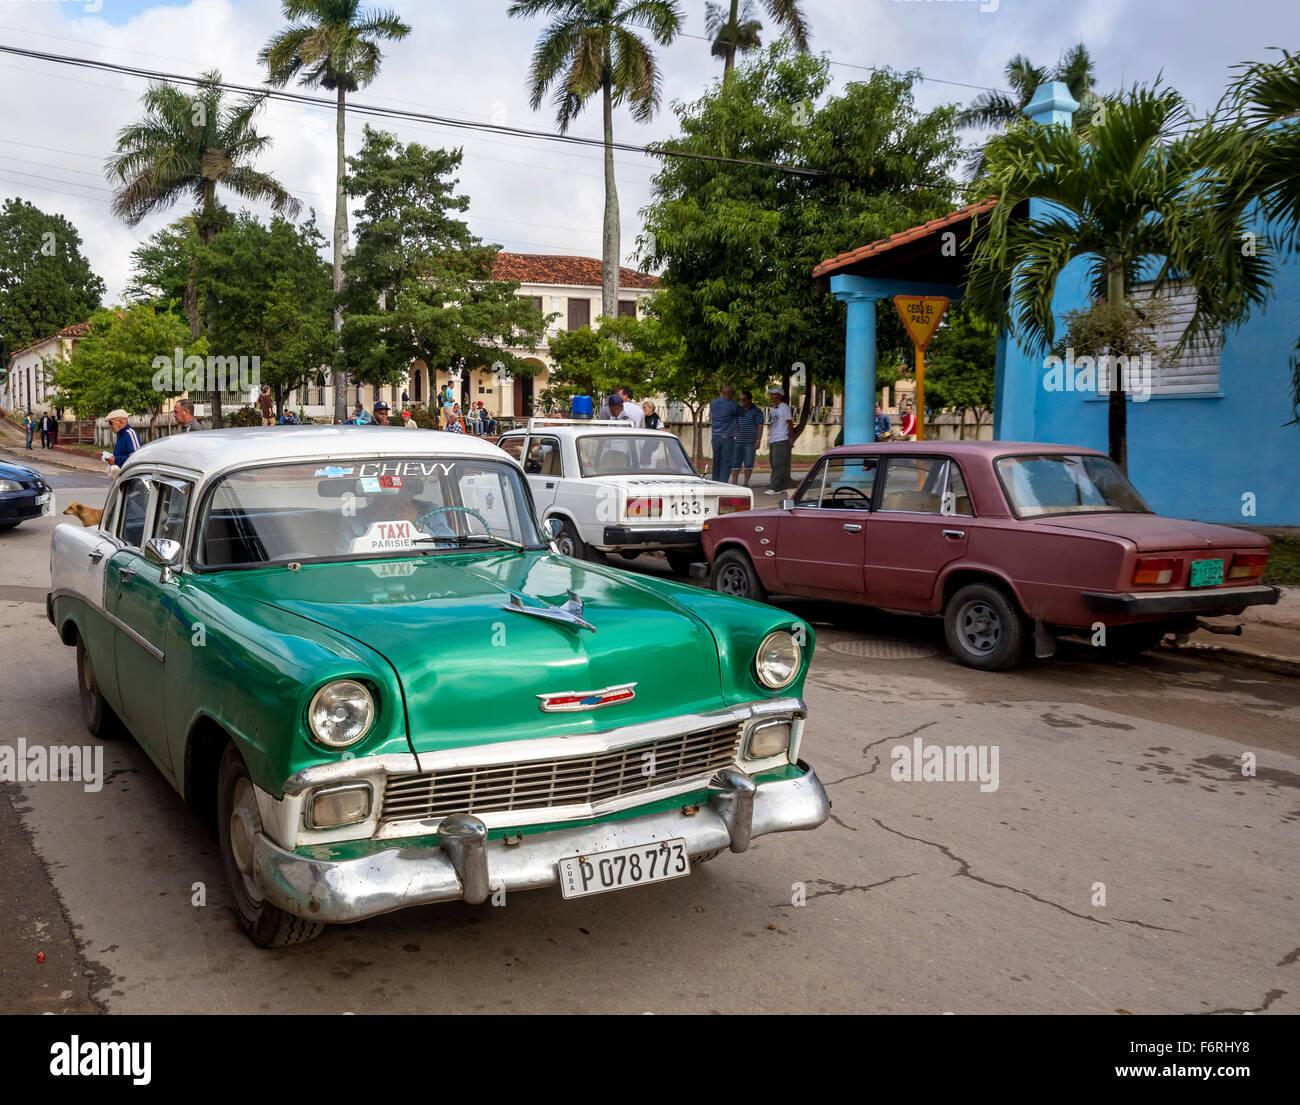 Vintage, old Chevrolet, Chevy, road cruiser in Vinales in Vinales ...